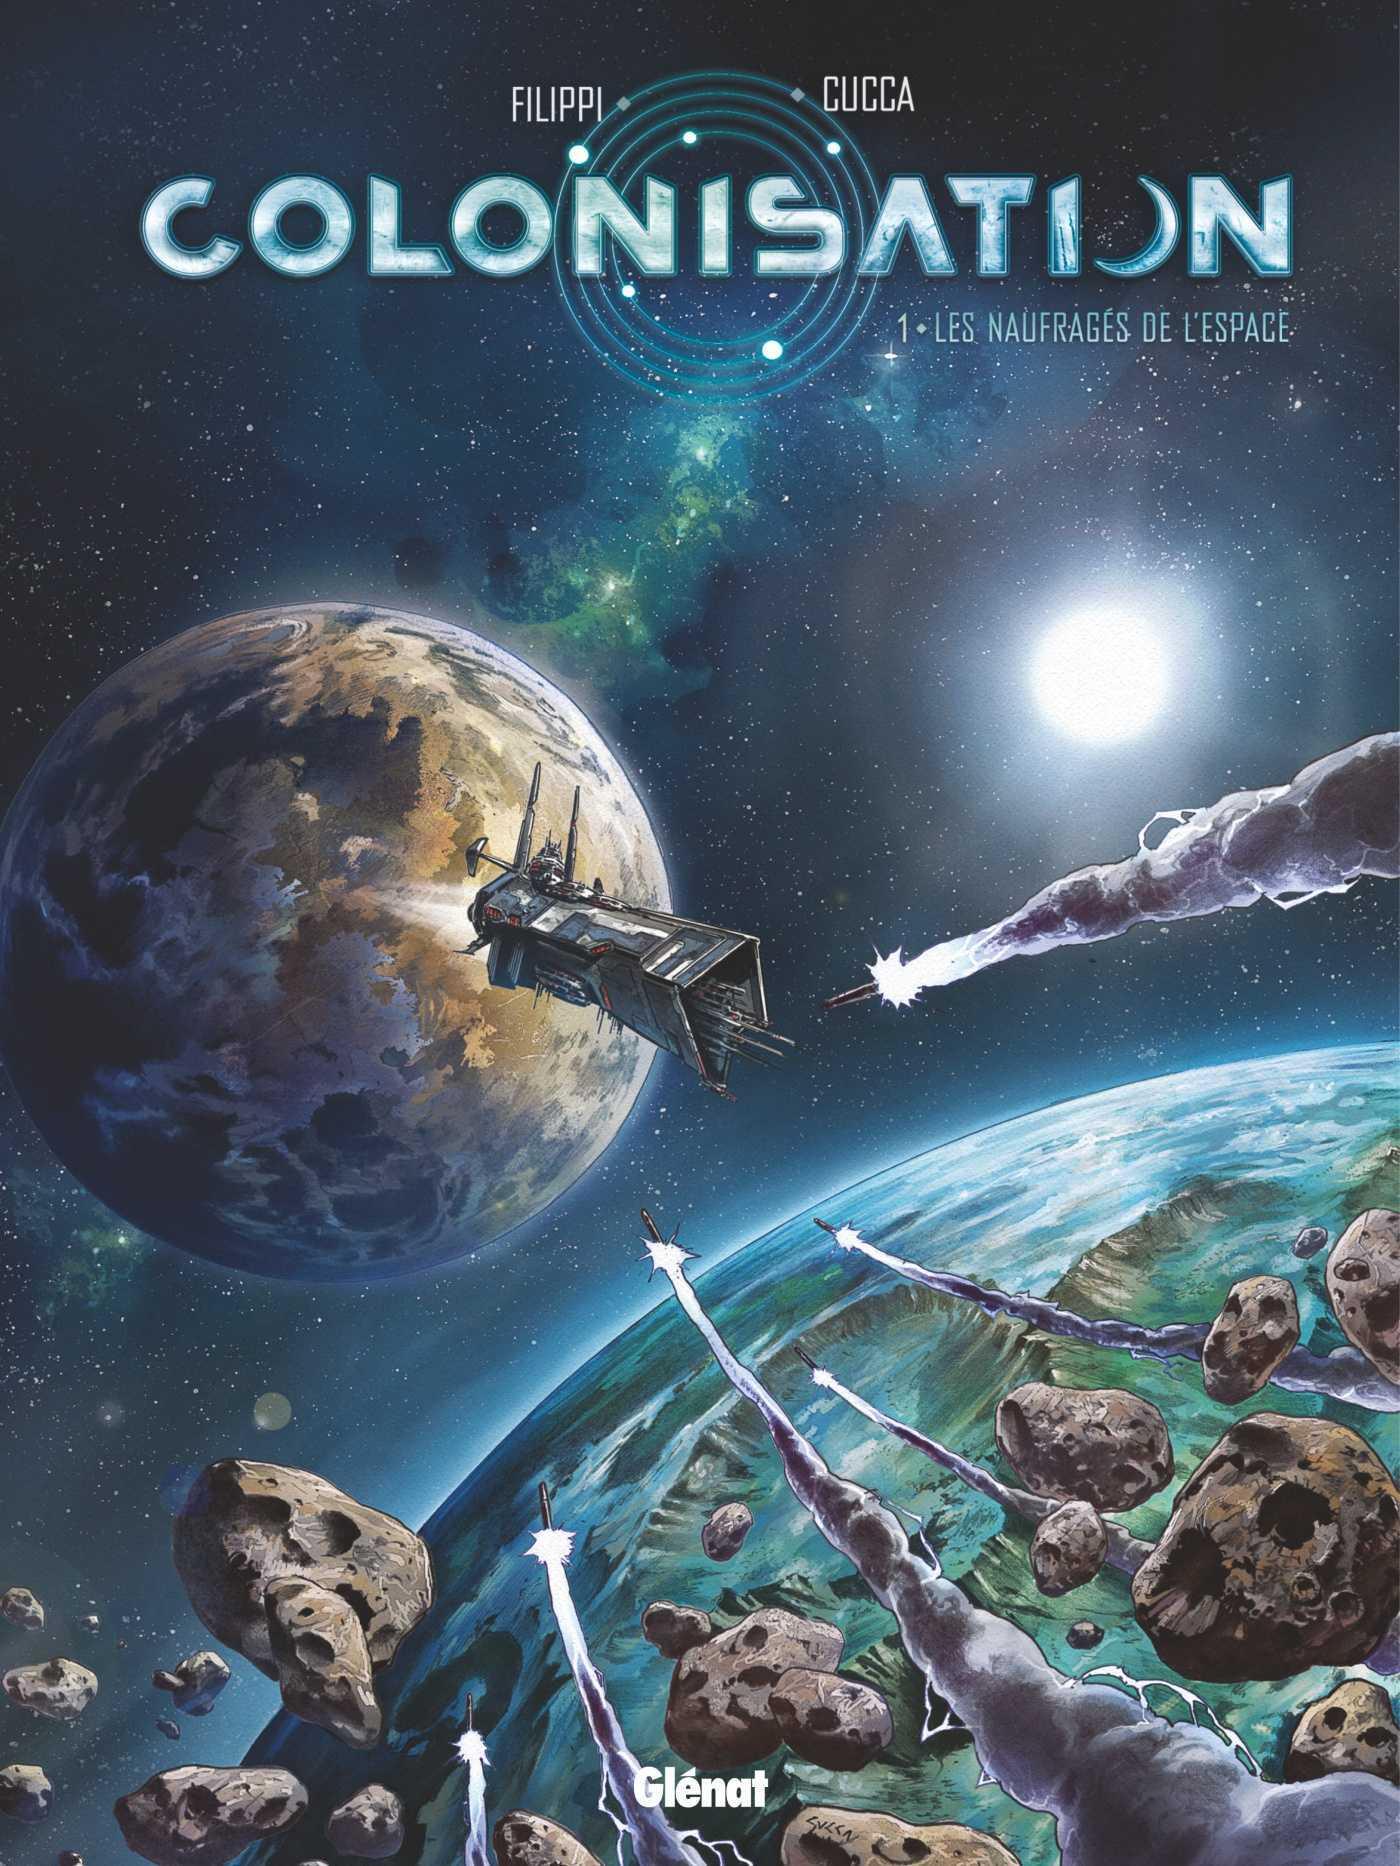 Colonisation, à la recherche des naufragés perdus